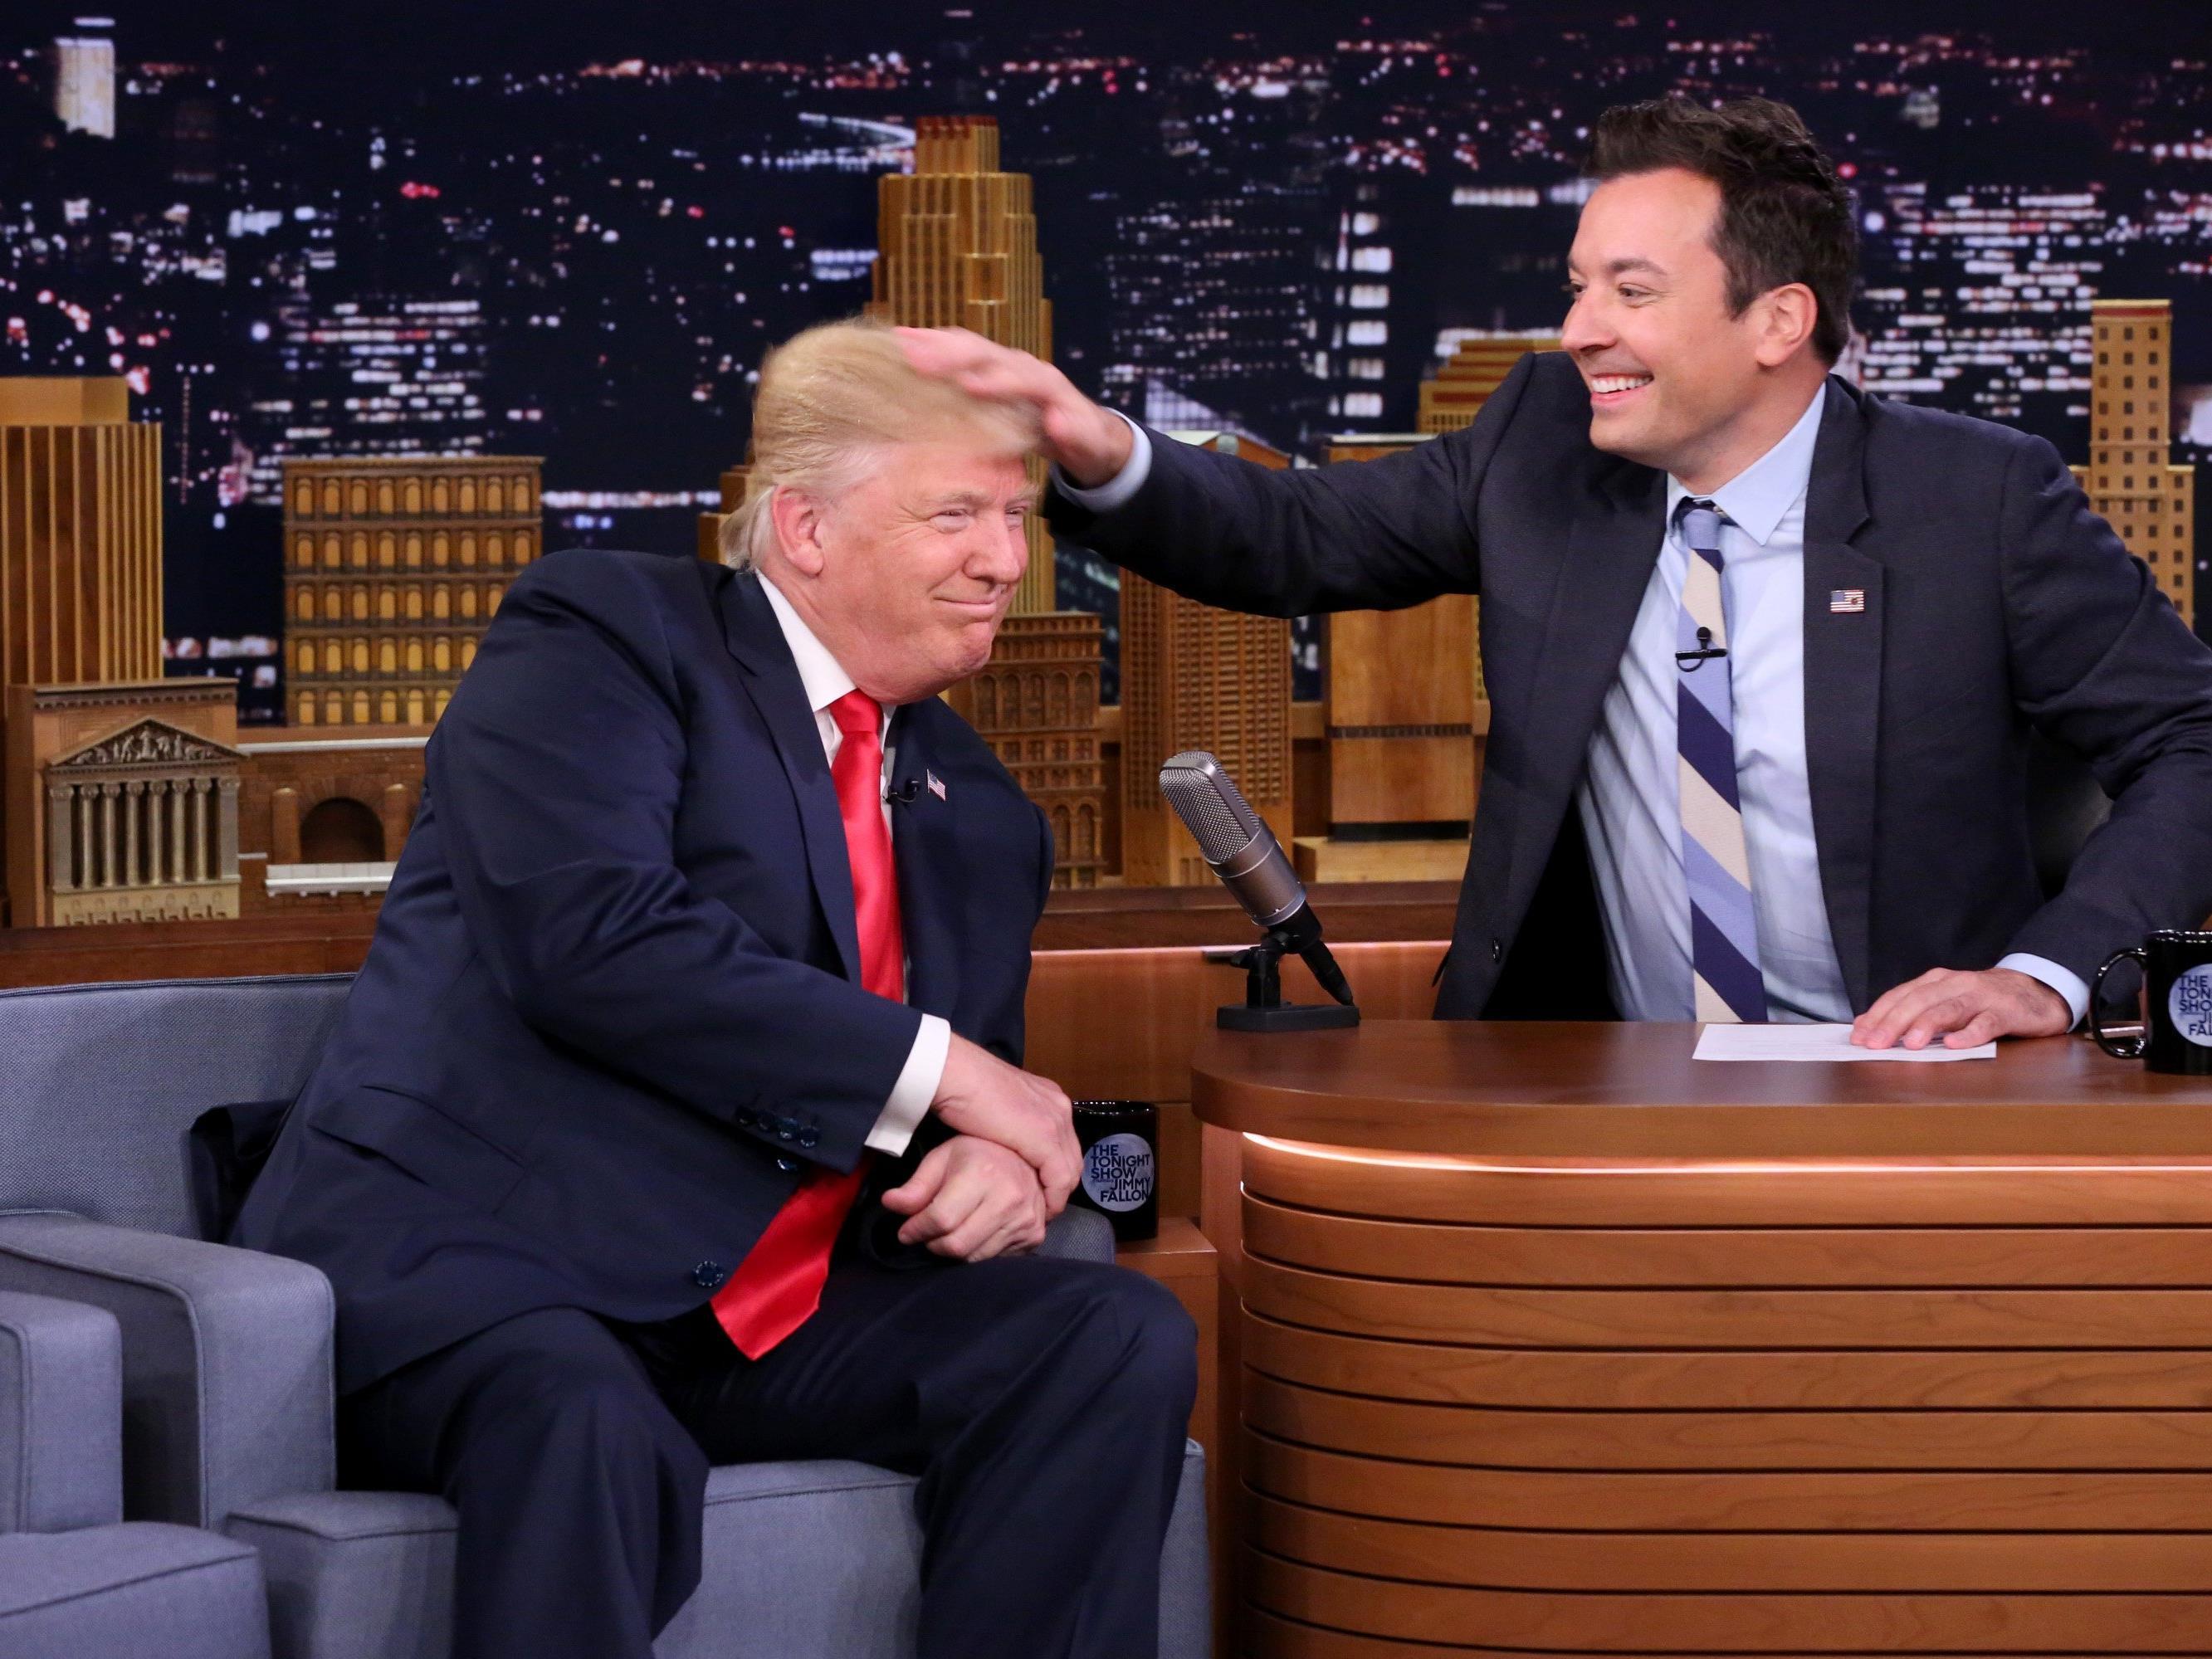 Der Moderator Jimmy Fallon zog kräftig an Trumps Haar.